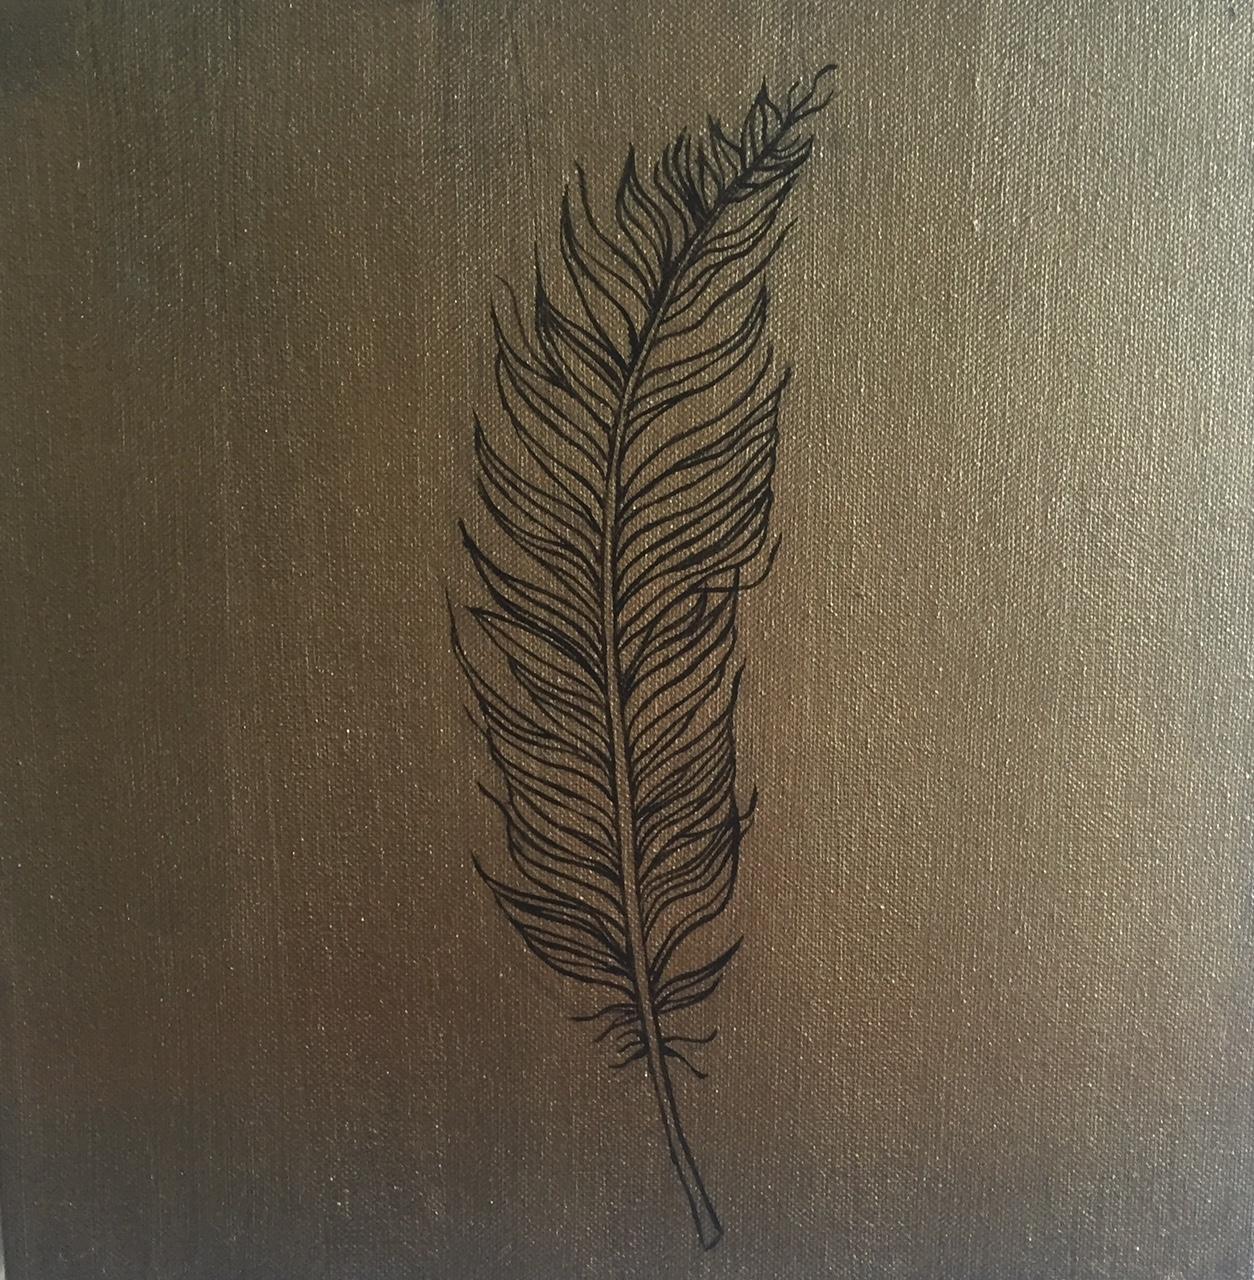 Feather #2, acrylic on canvas 12x12